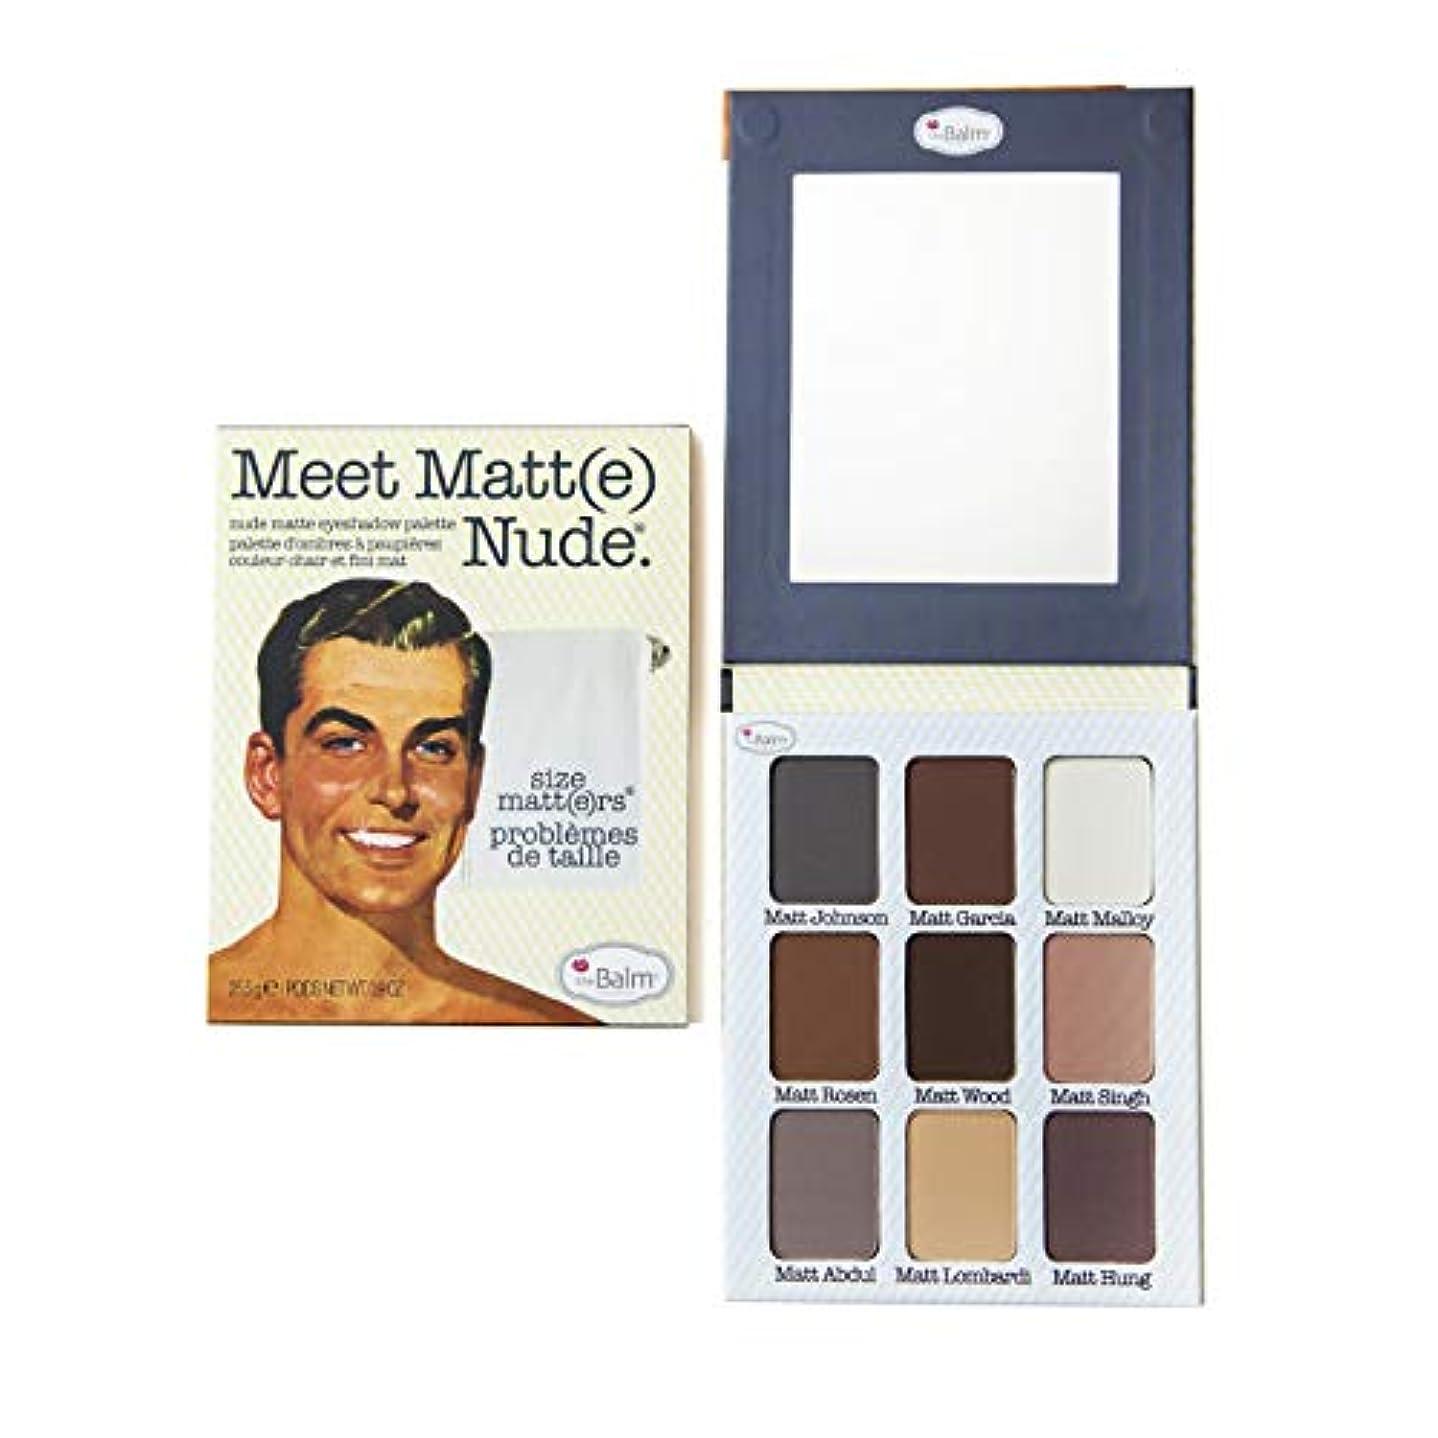 りアラブ人慣れるThe Balm(ザバーム) Meet Matte Nude - Matte Eyeshadow Palette 25.5g/0.9oz